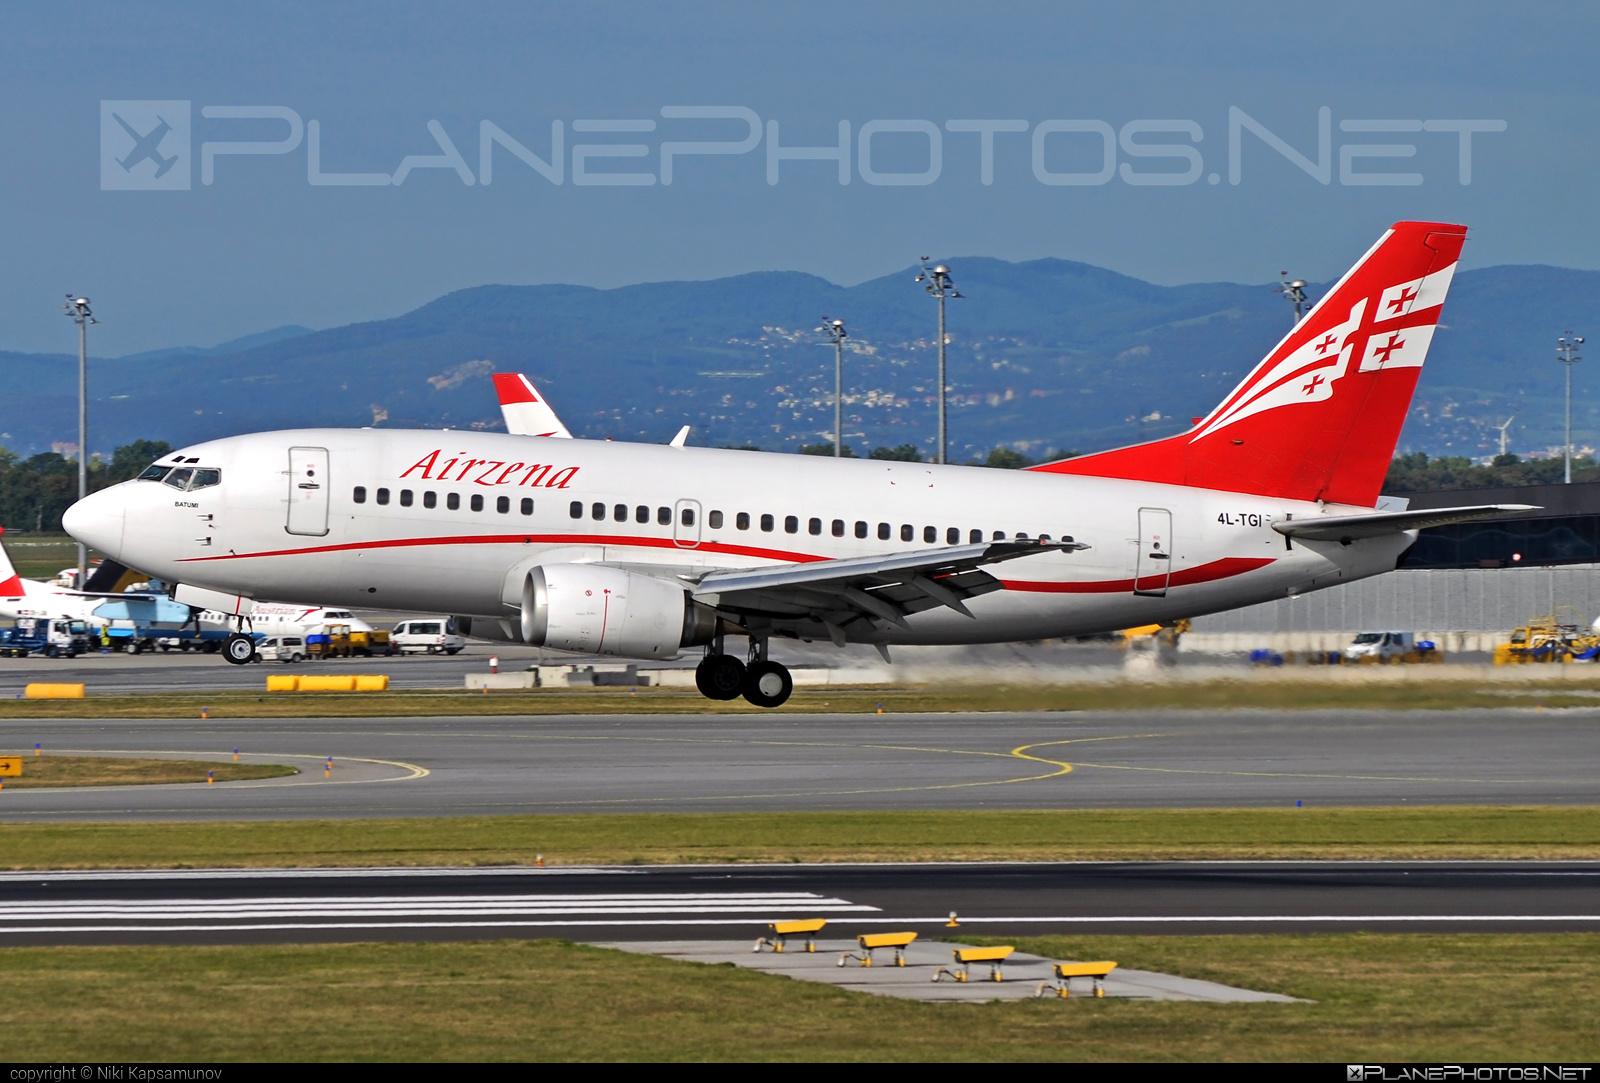 Georgian Airways - Airzena Boeing 737-500 - 4L-TGI #airzena #b737 #boeing #georgianairways